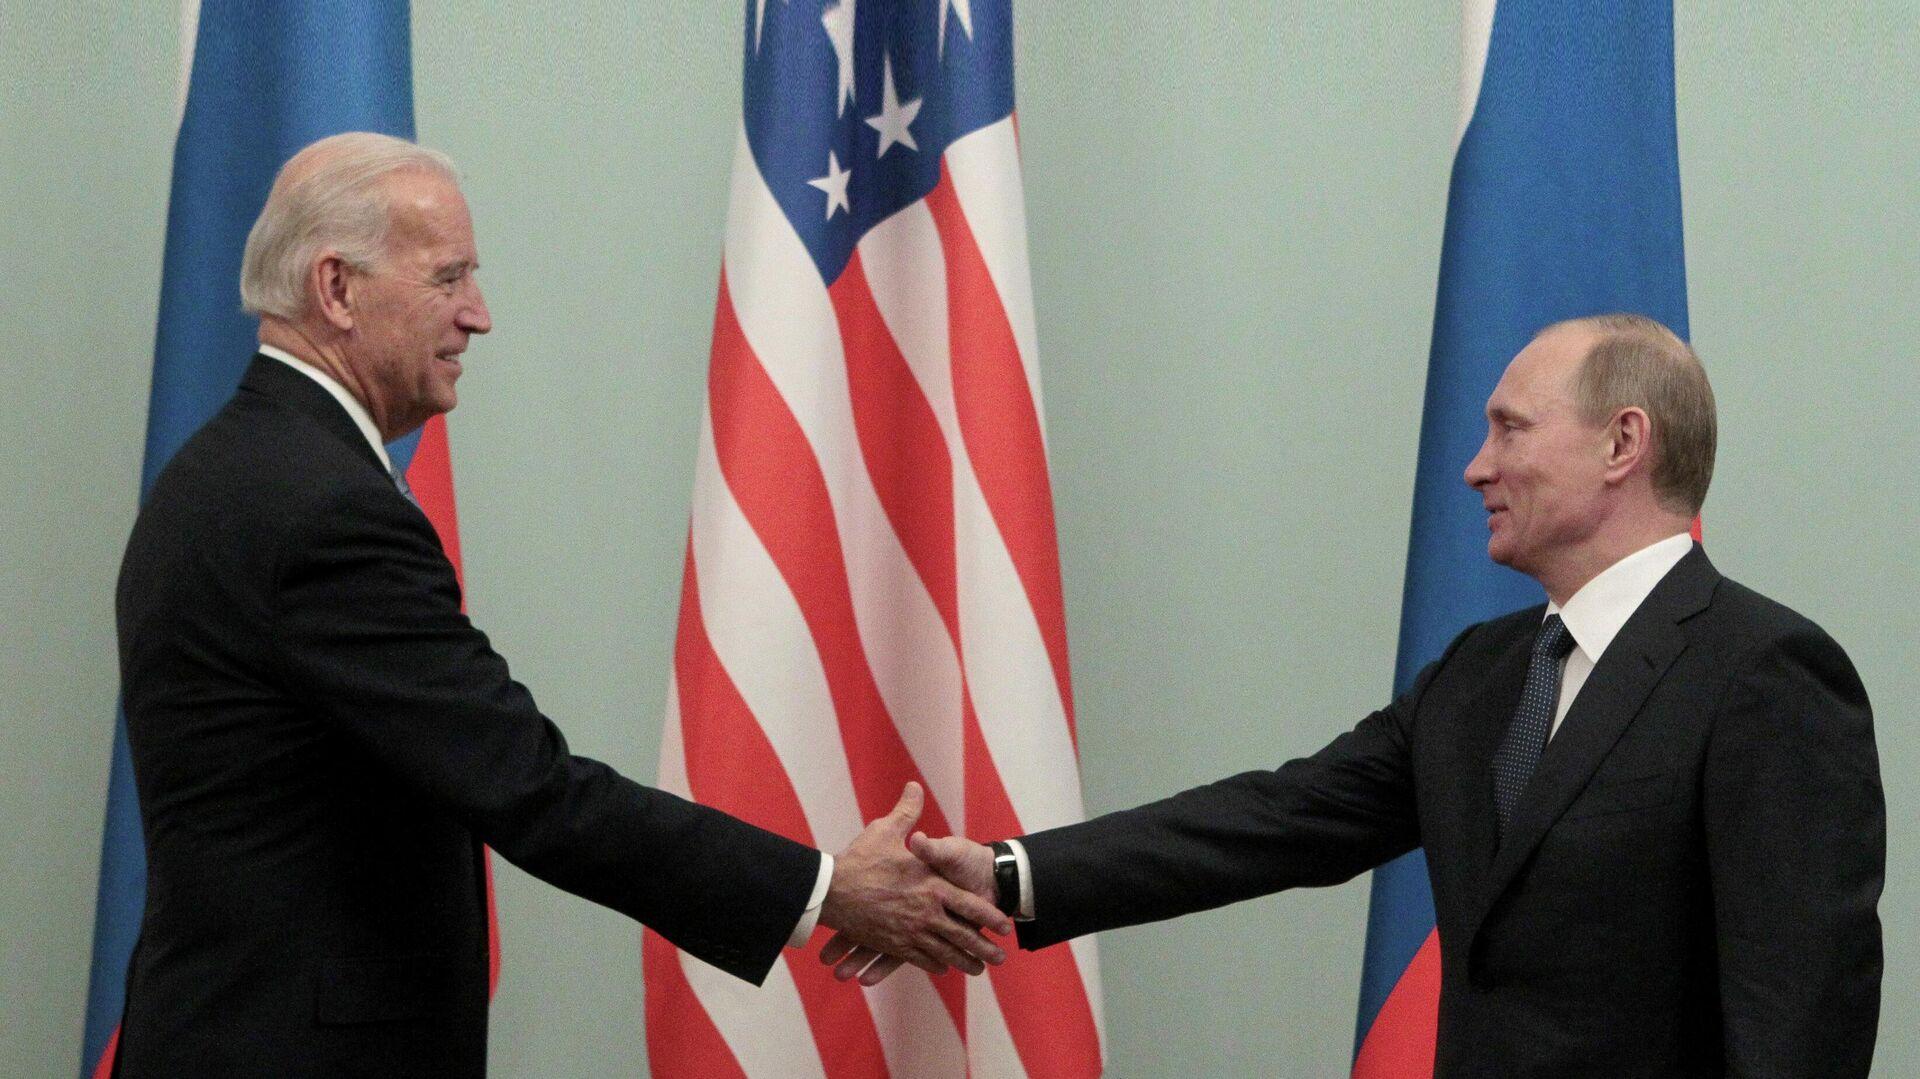 Владимир Путин и Джо Байден во время встречи в 2011 году - РИА Новости, 1920, 16.04.2021